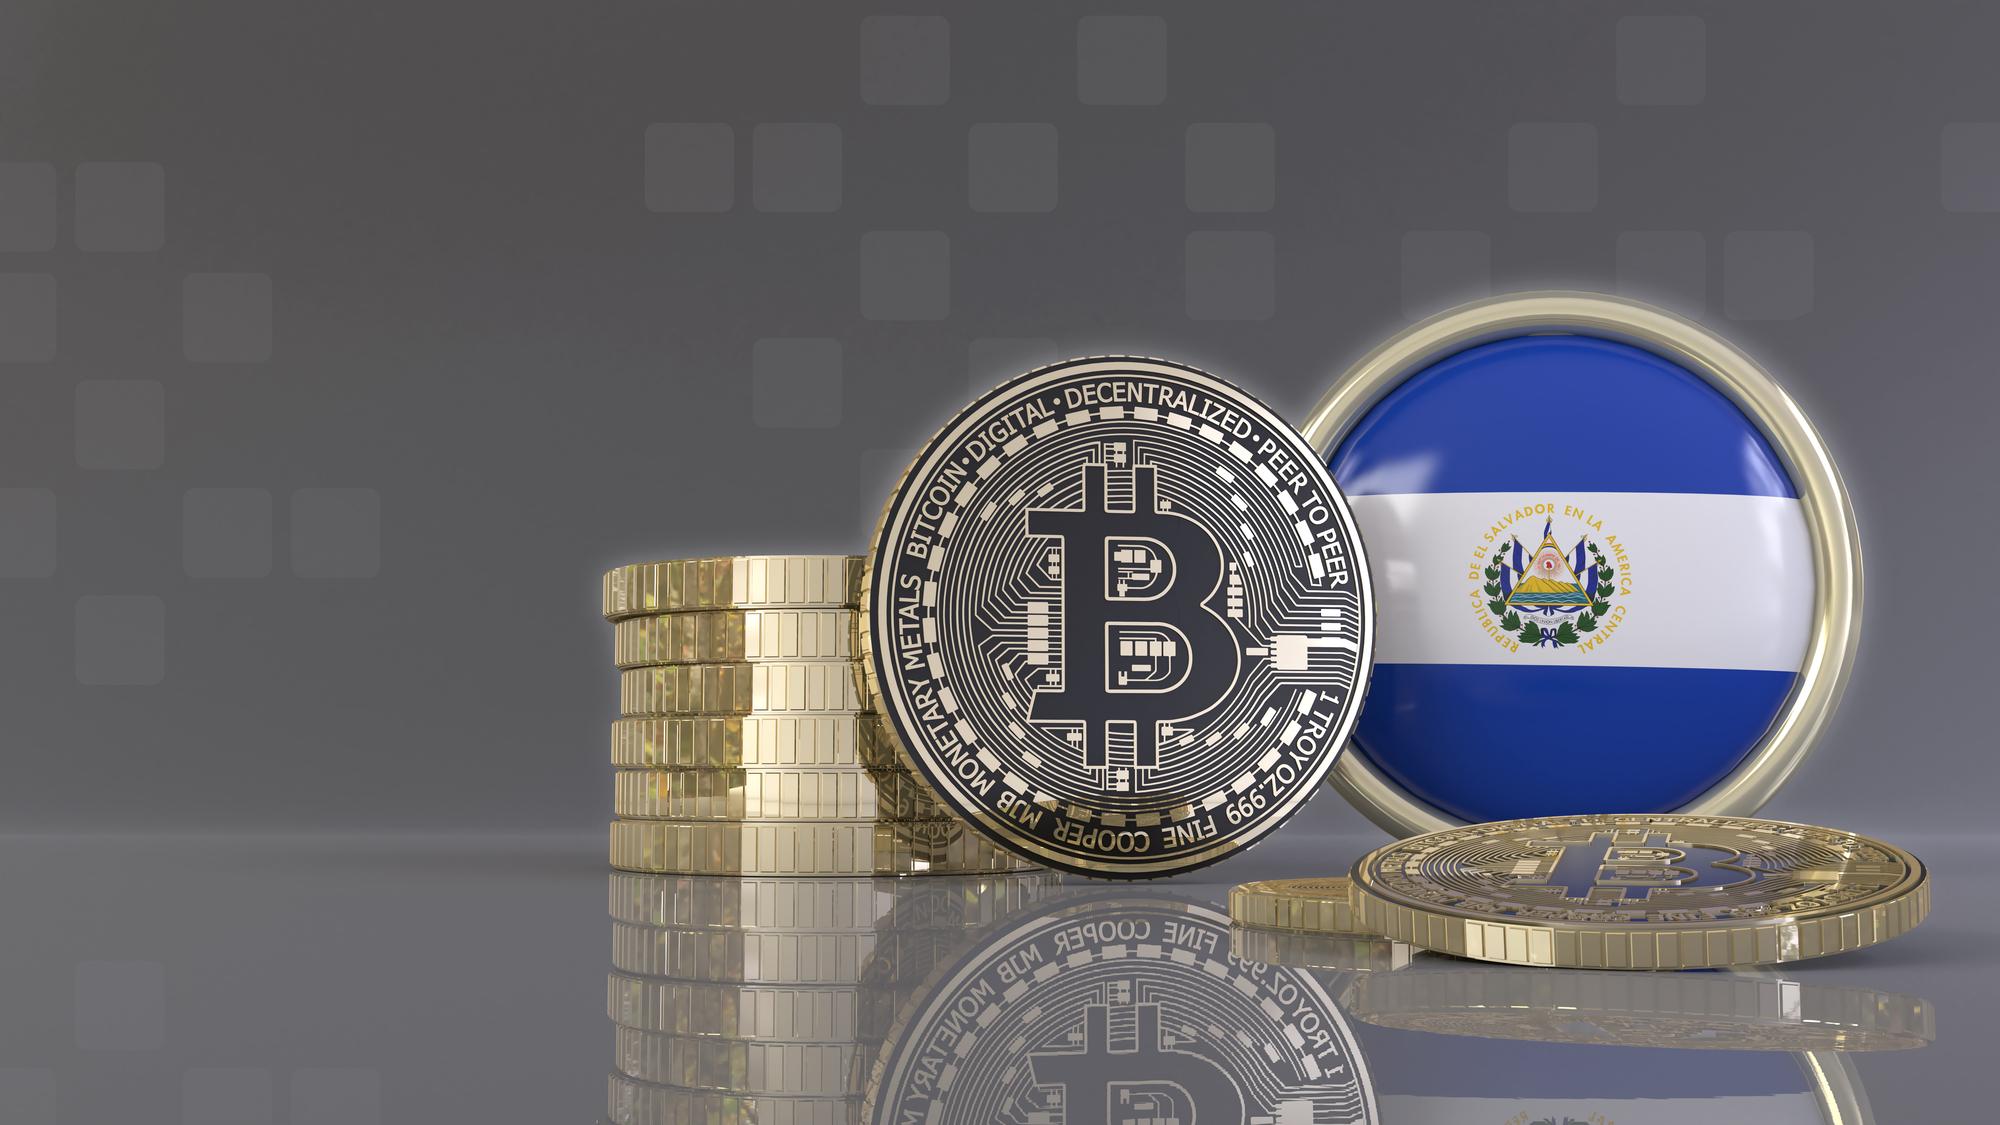 Жители Сальвадора отказываются пользоваться биткоином